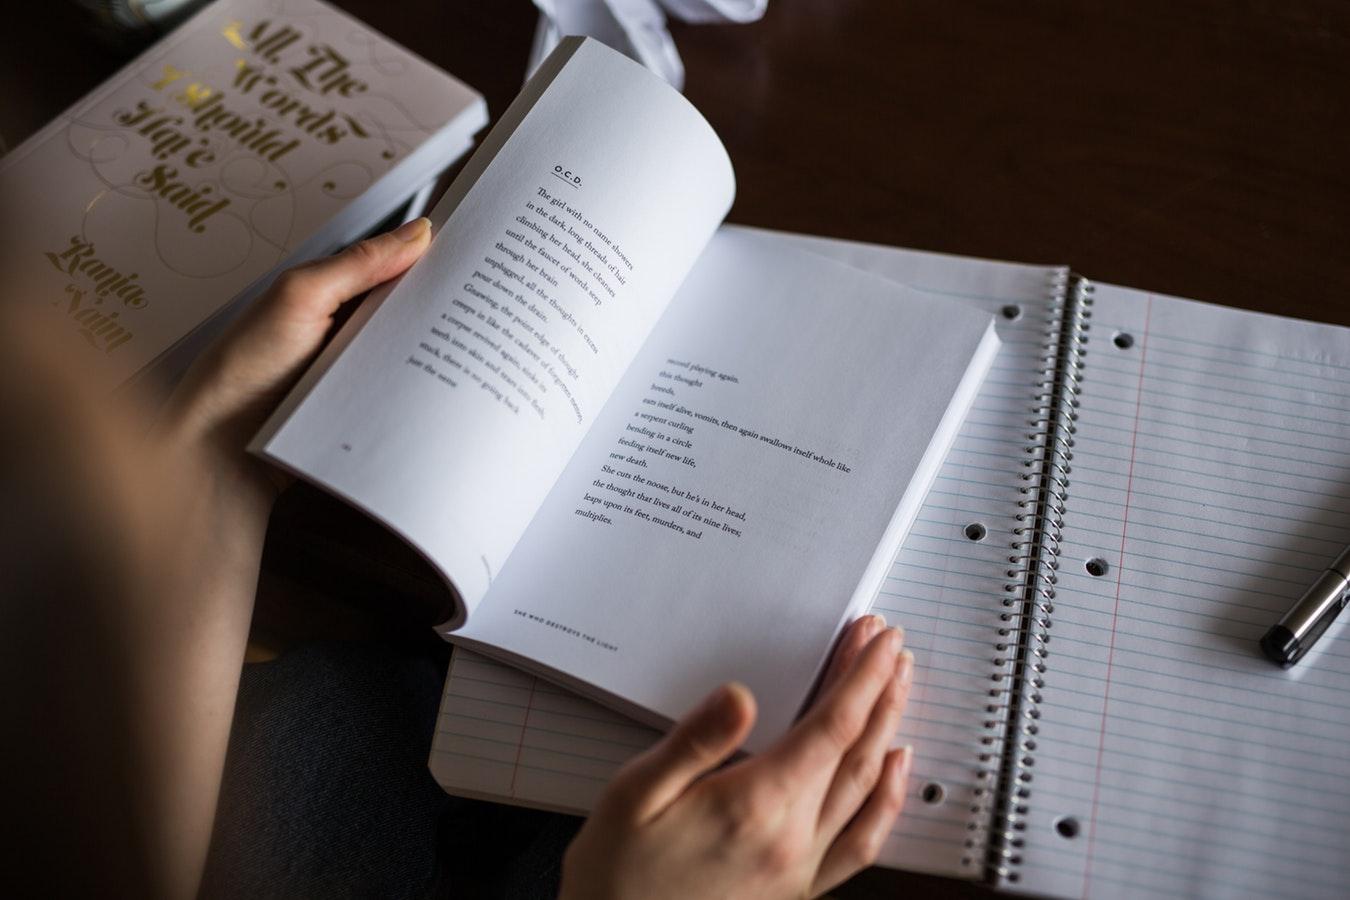 公務員試験の参考書選びの4つのポイント